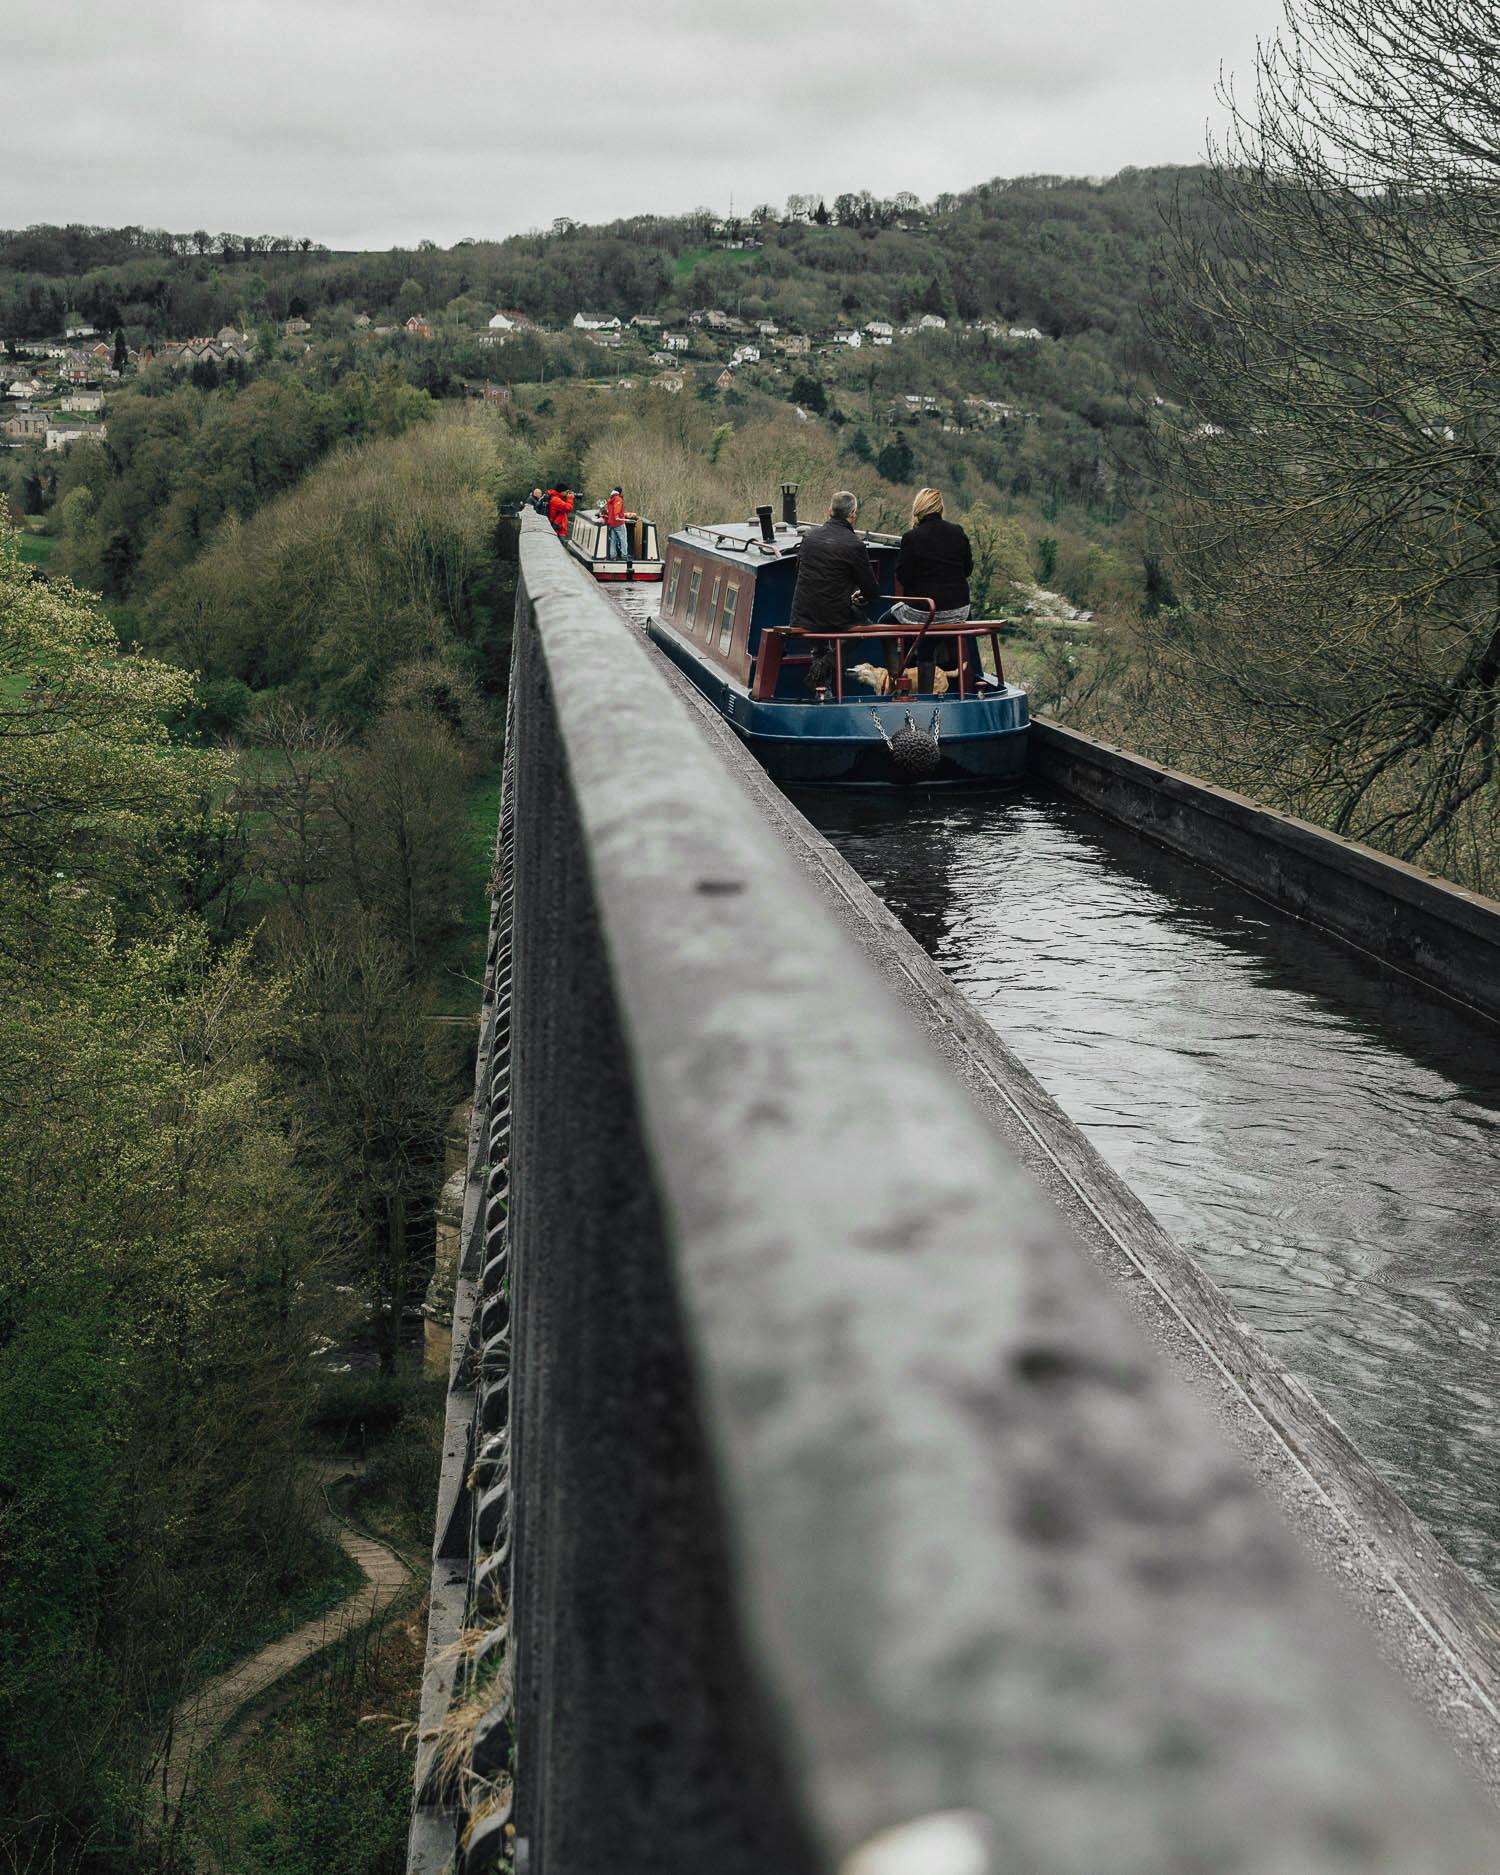 Llangollen Canal, Wales